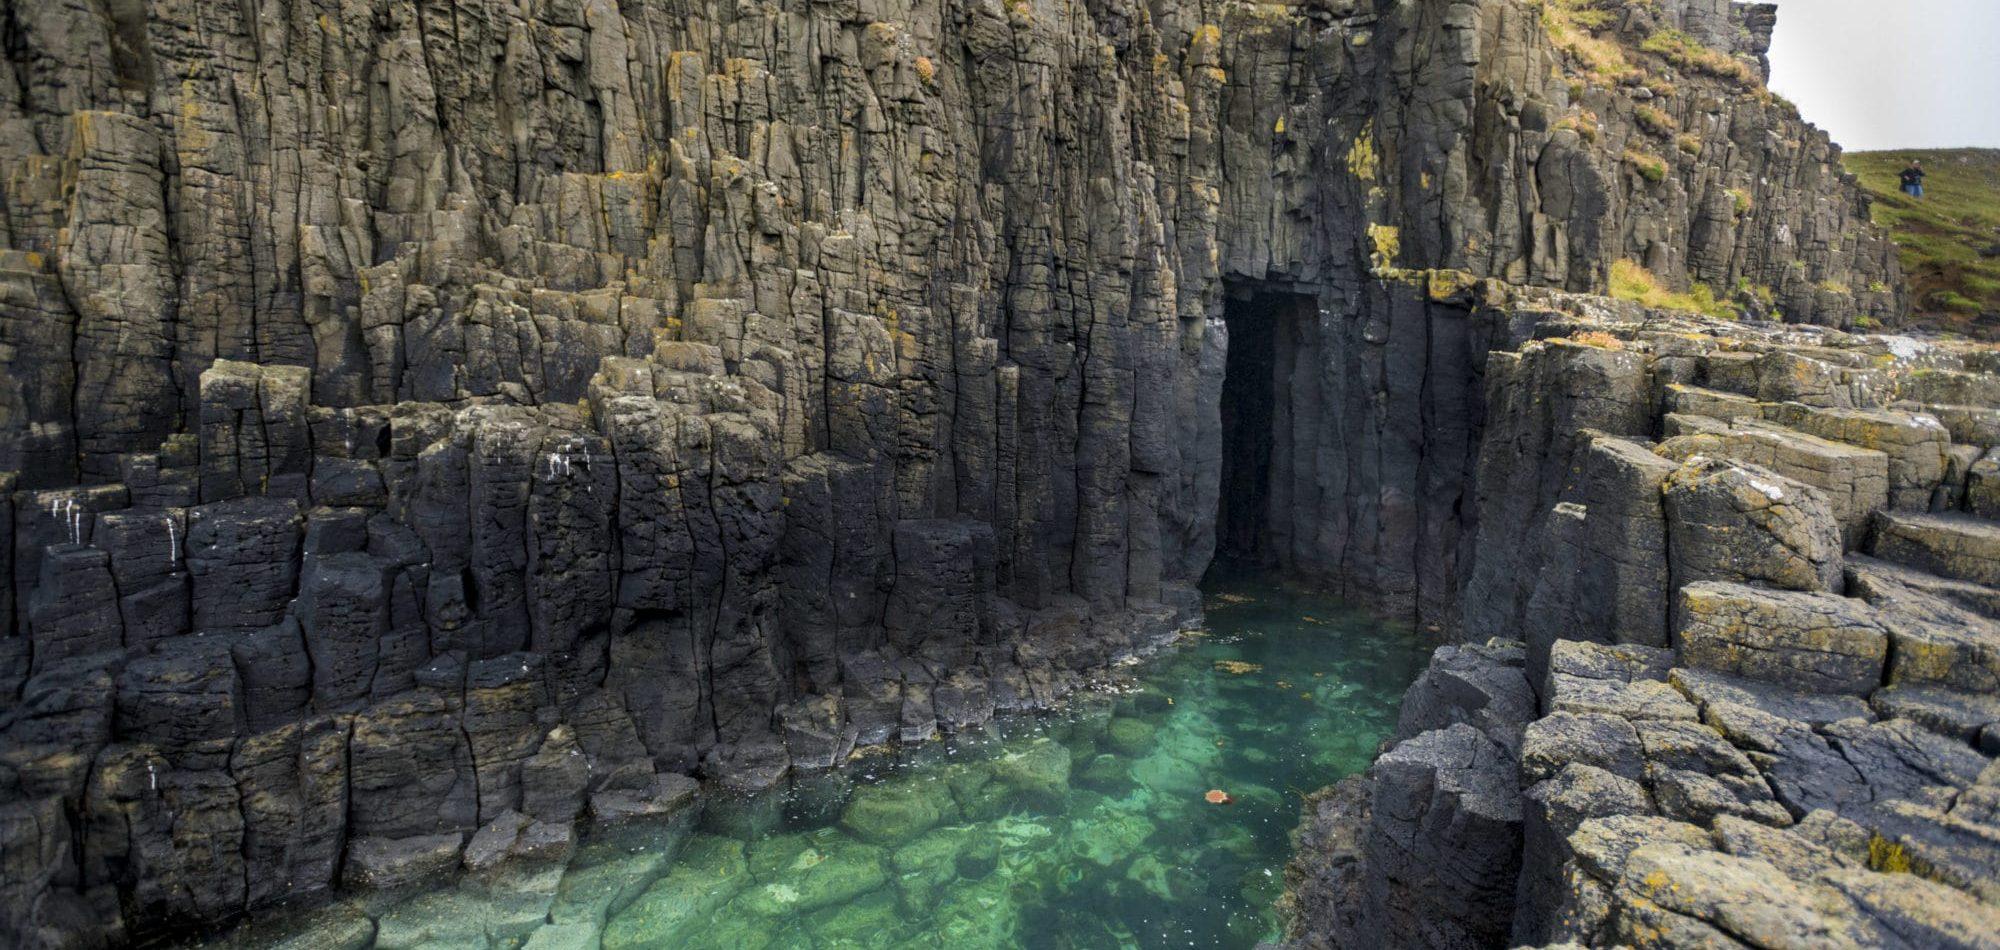 La grotte d'or de l'île de Skye